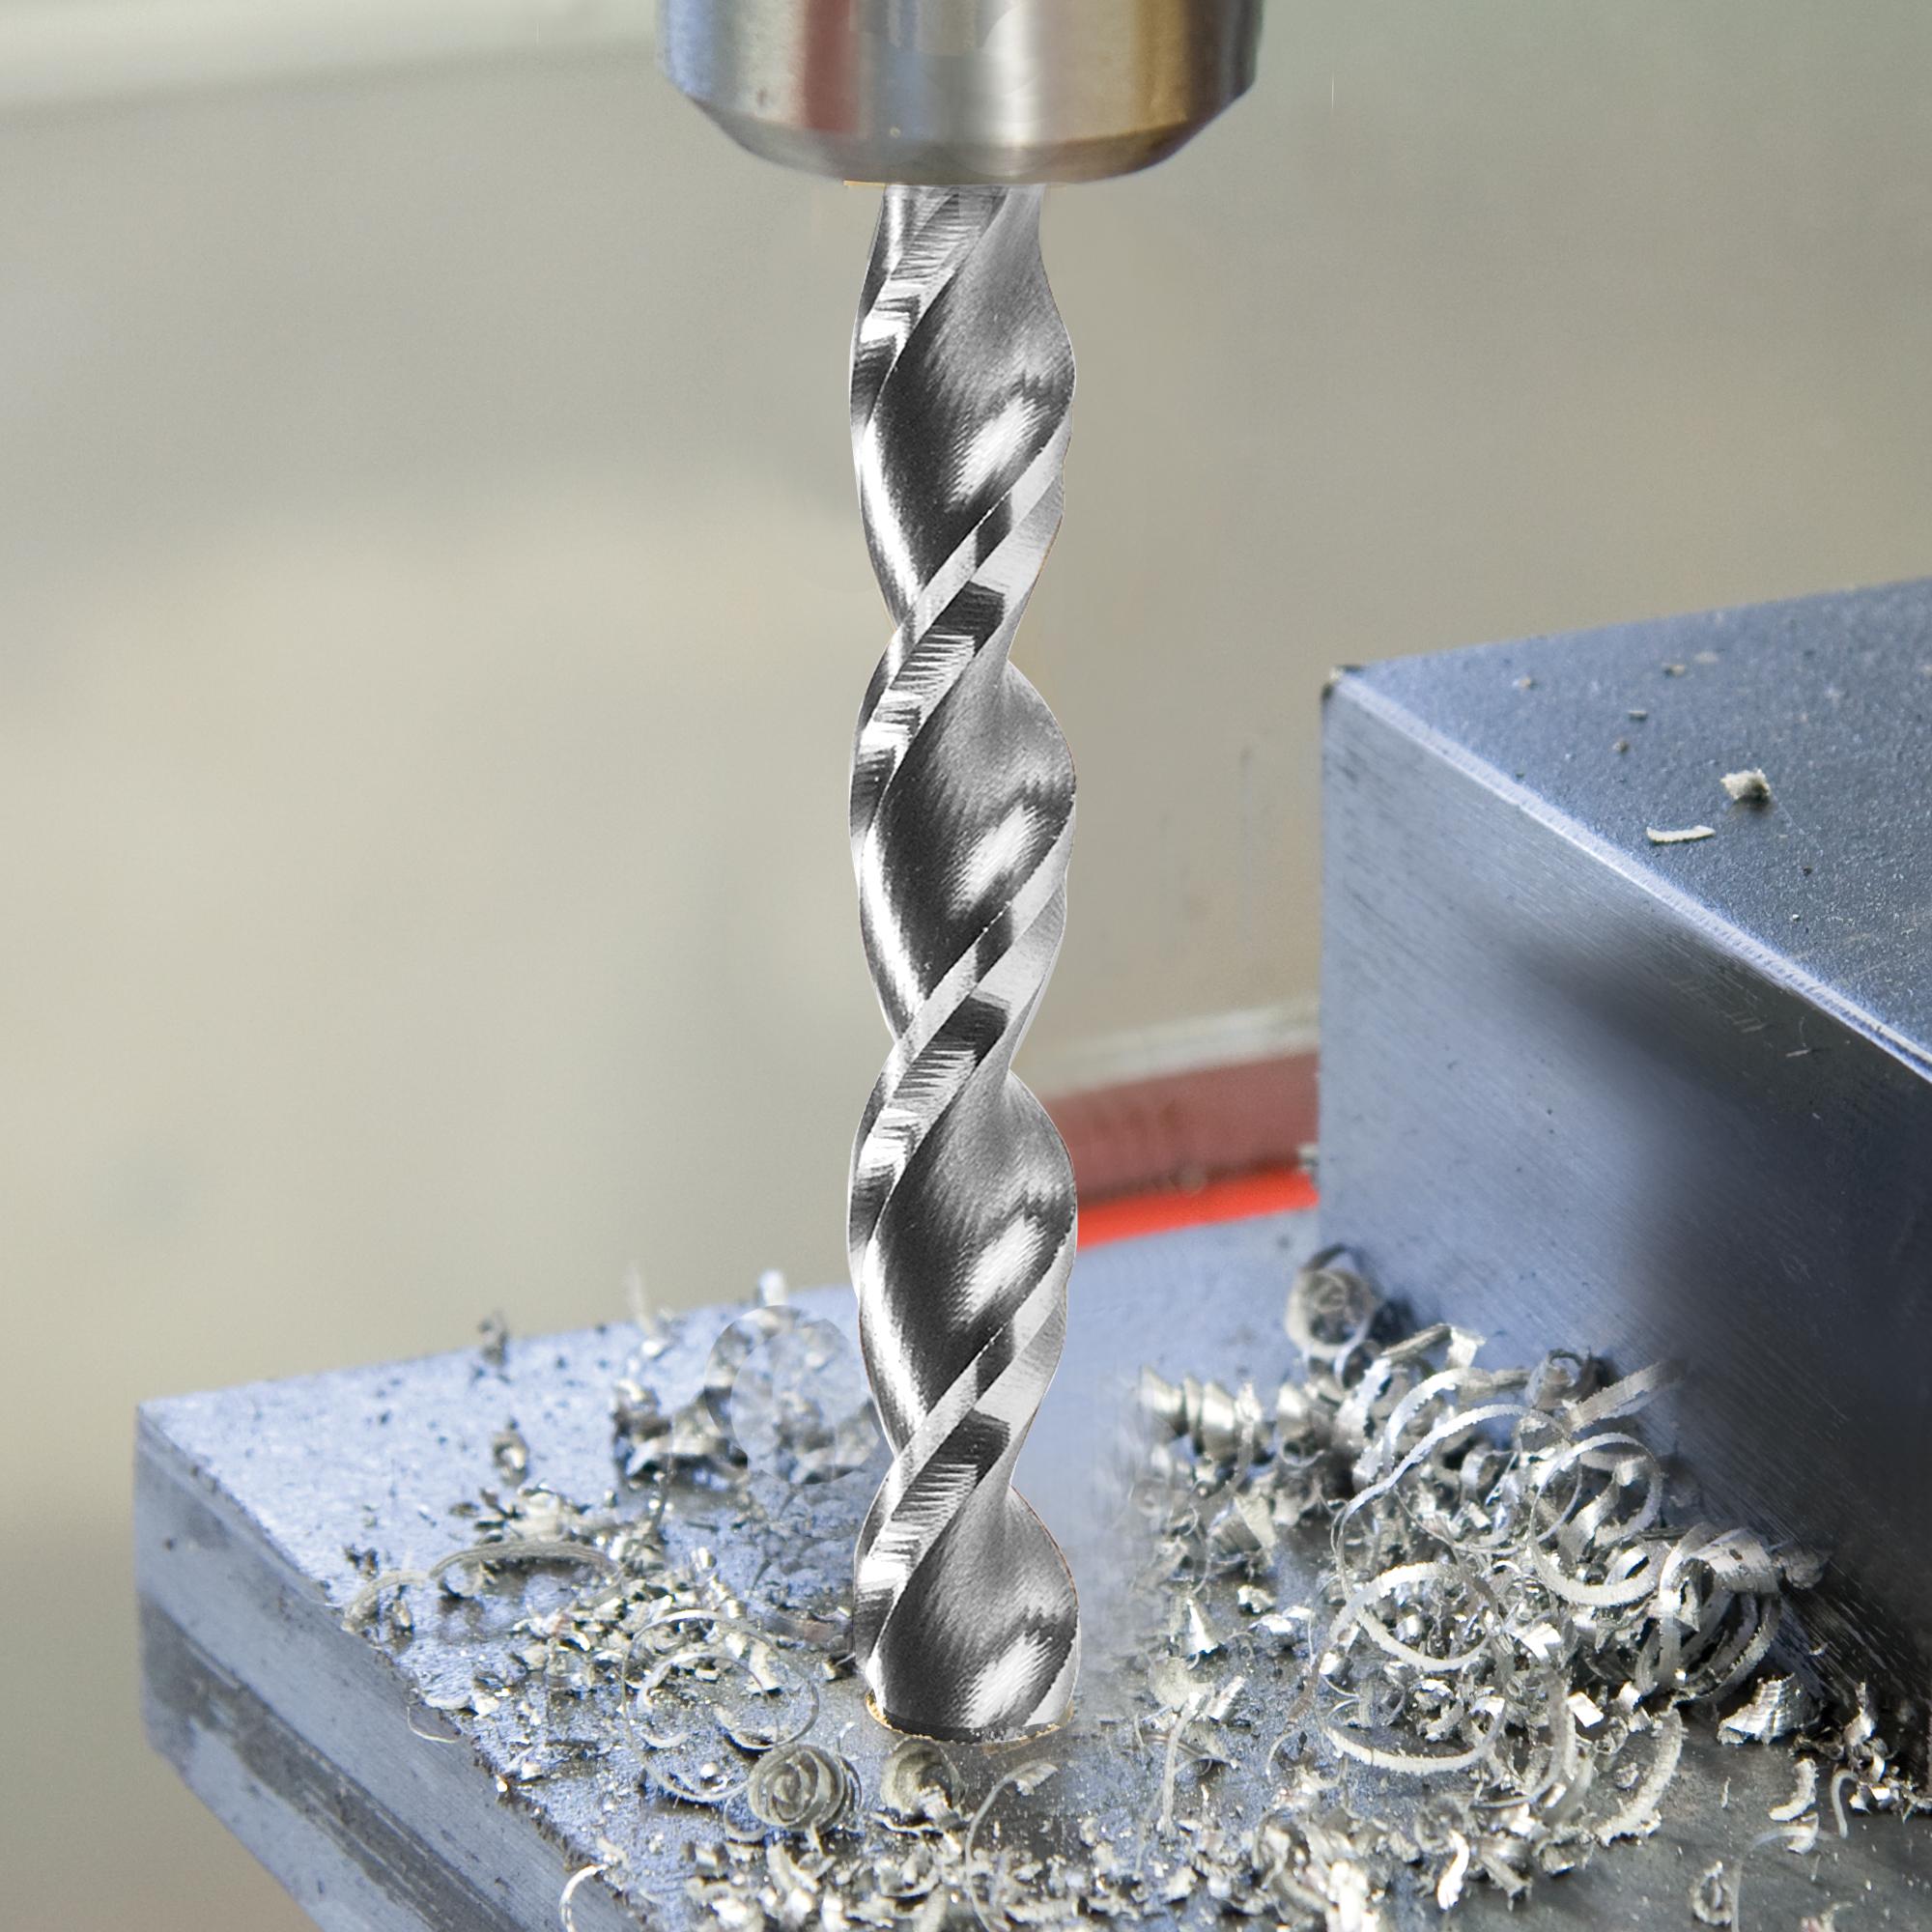 RUKO Twist drill DIN 338 TL 3000 HSS 258062